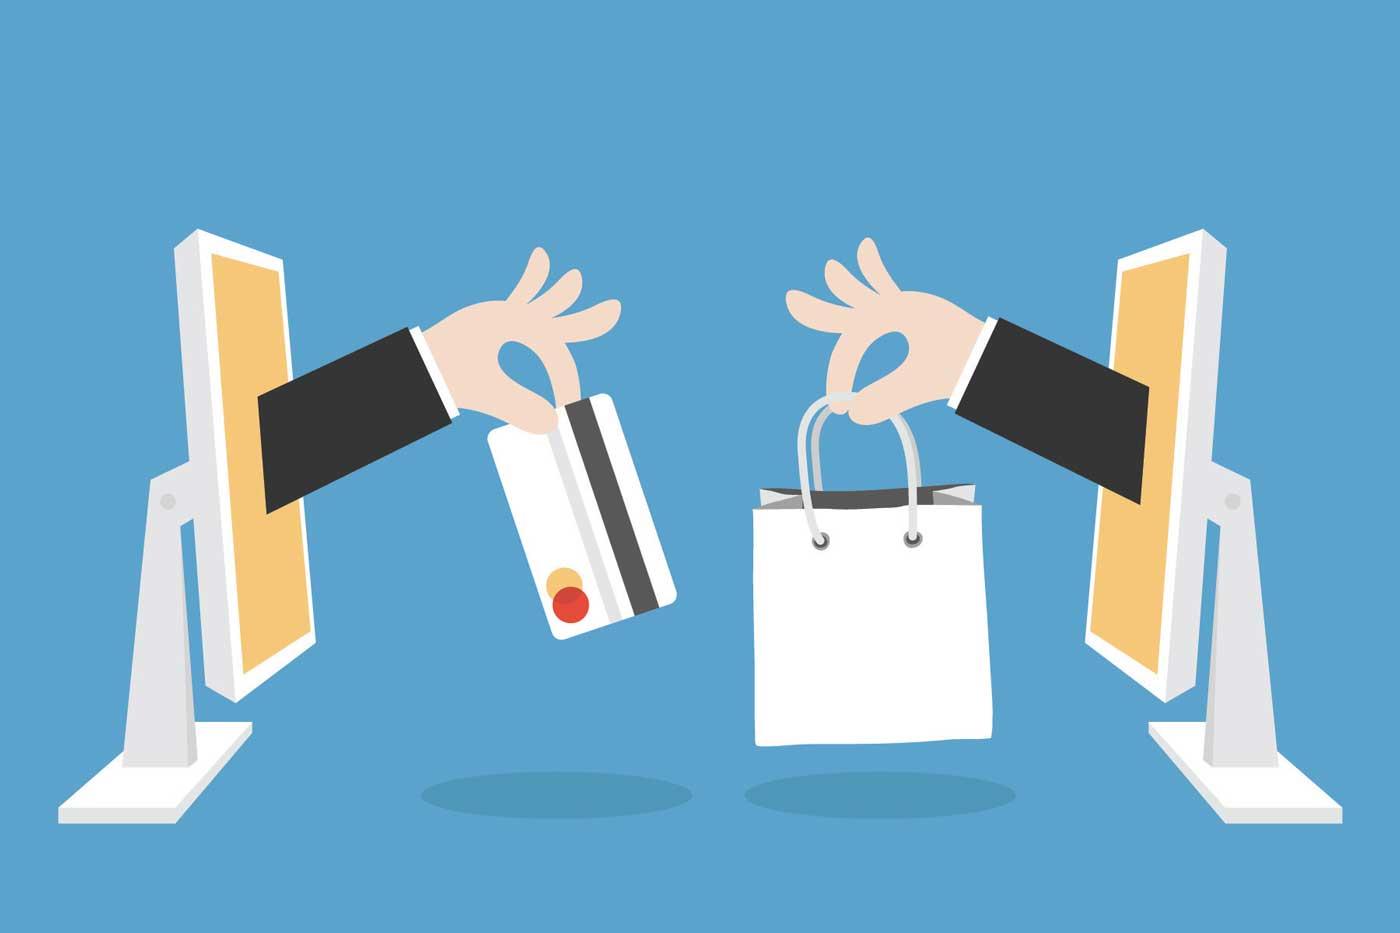 رازهای فروش بیشتر را بشناسید